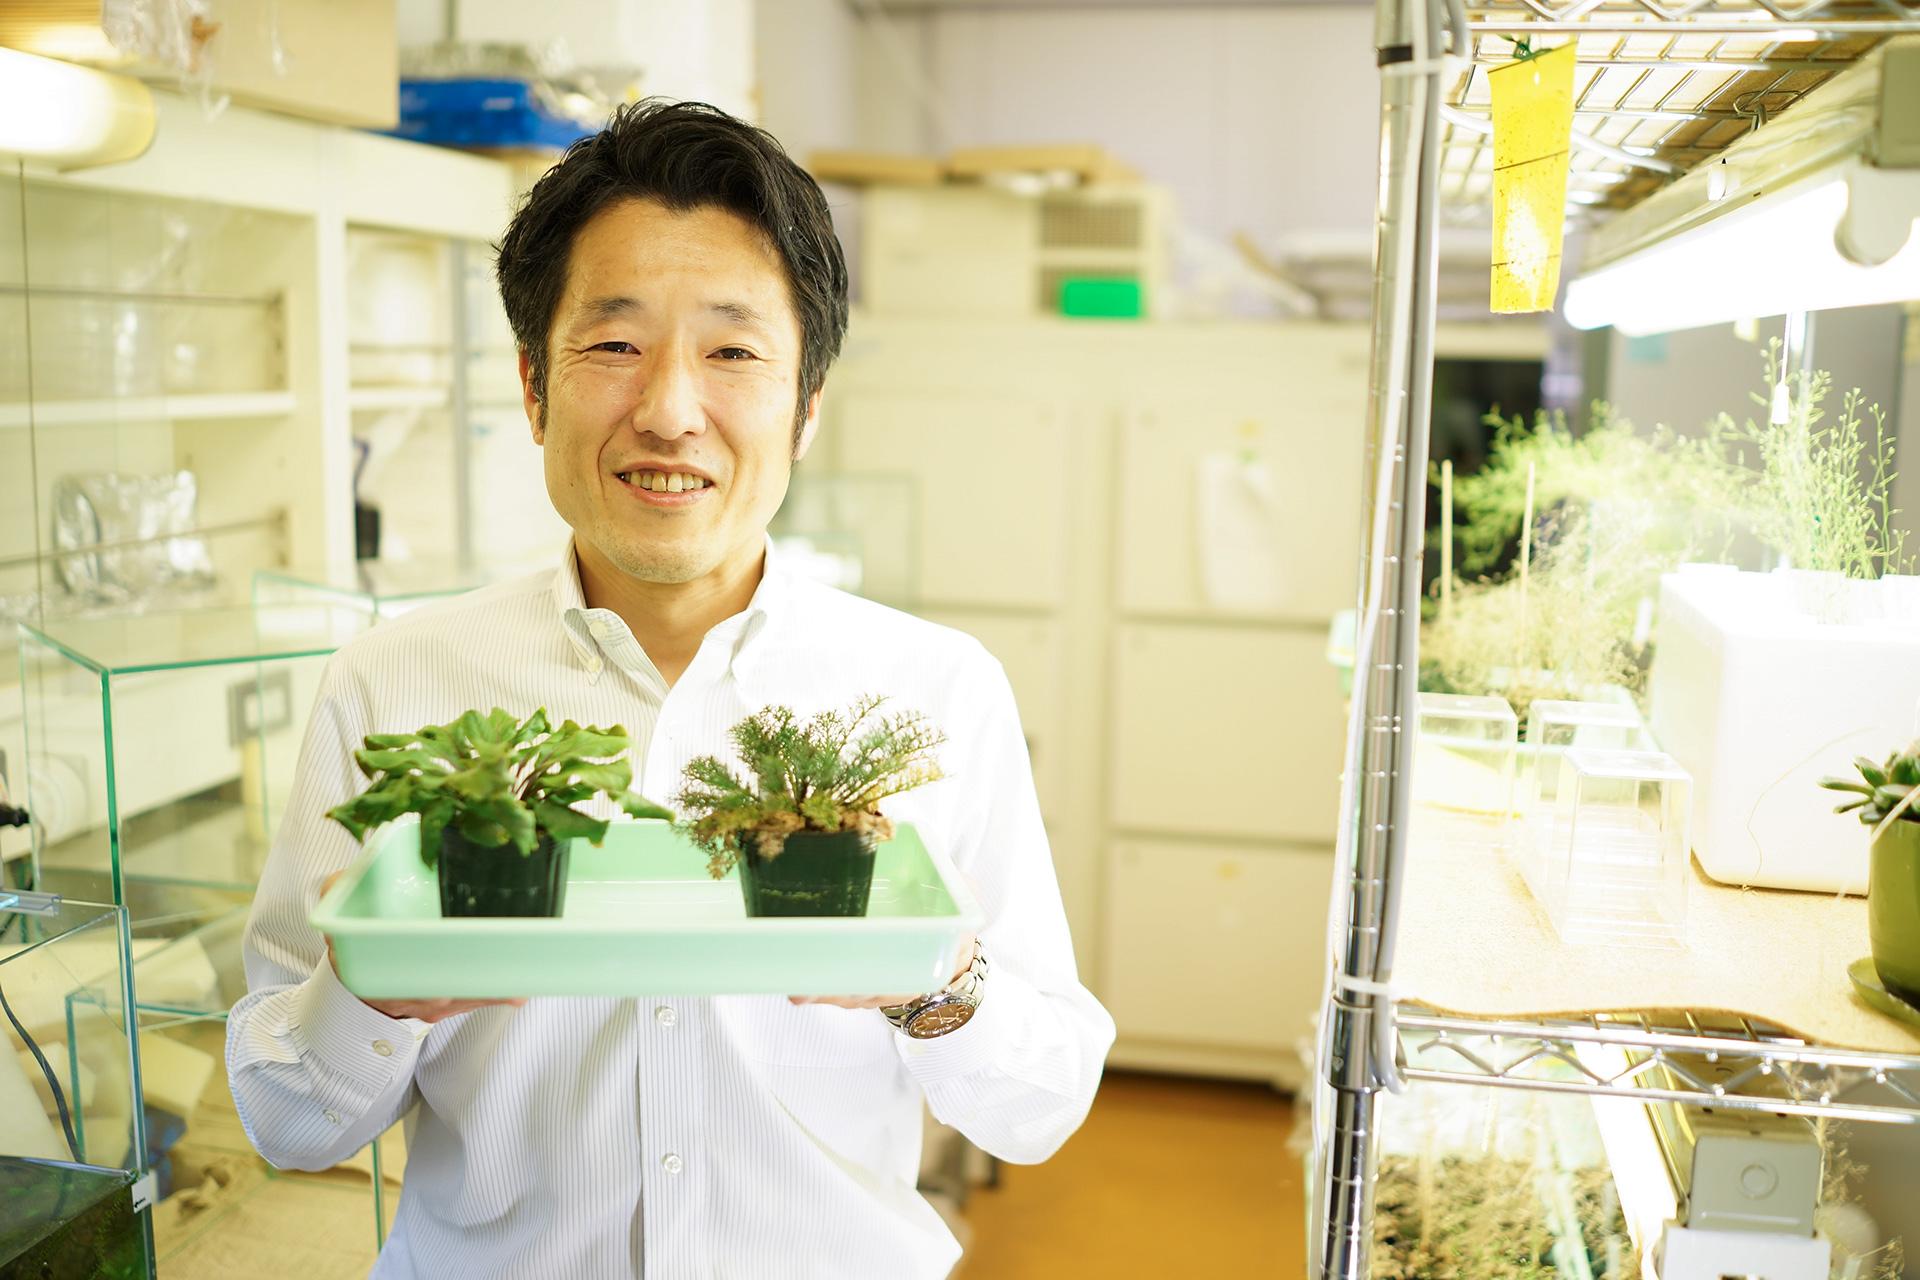 葉っぱの形から植物と環境の関係を探る